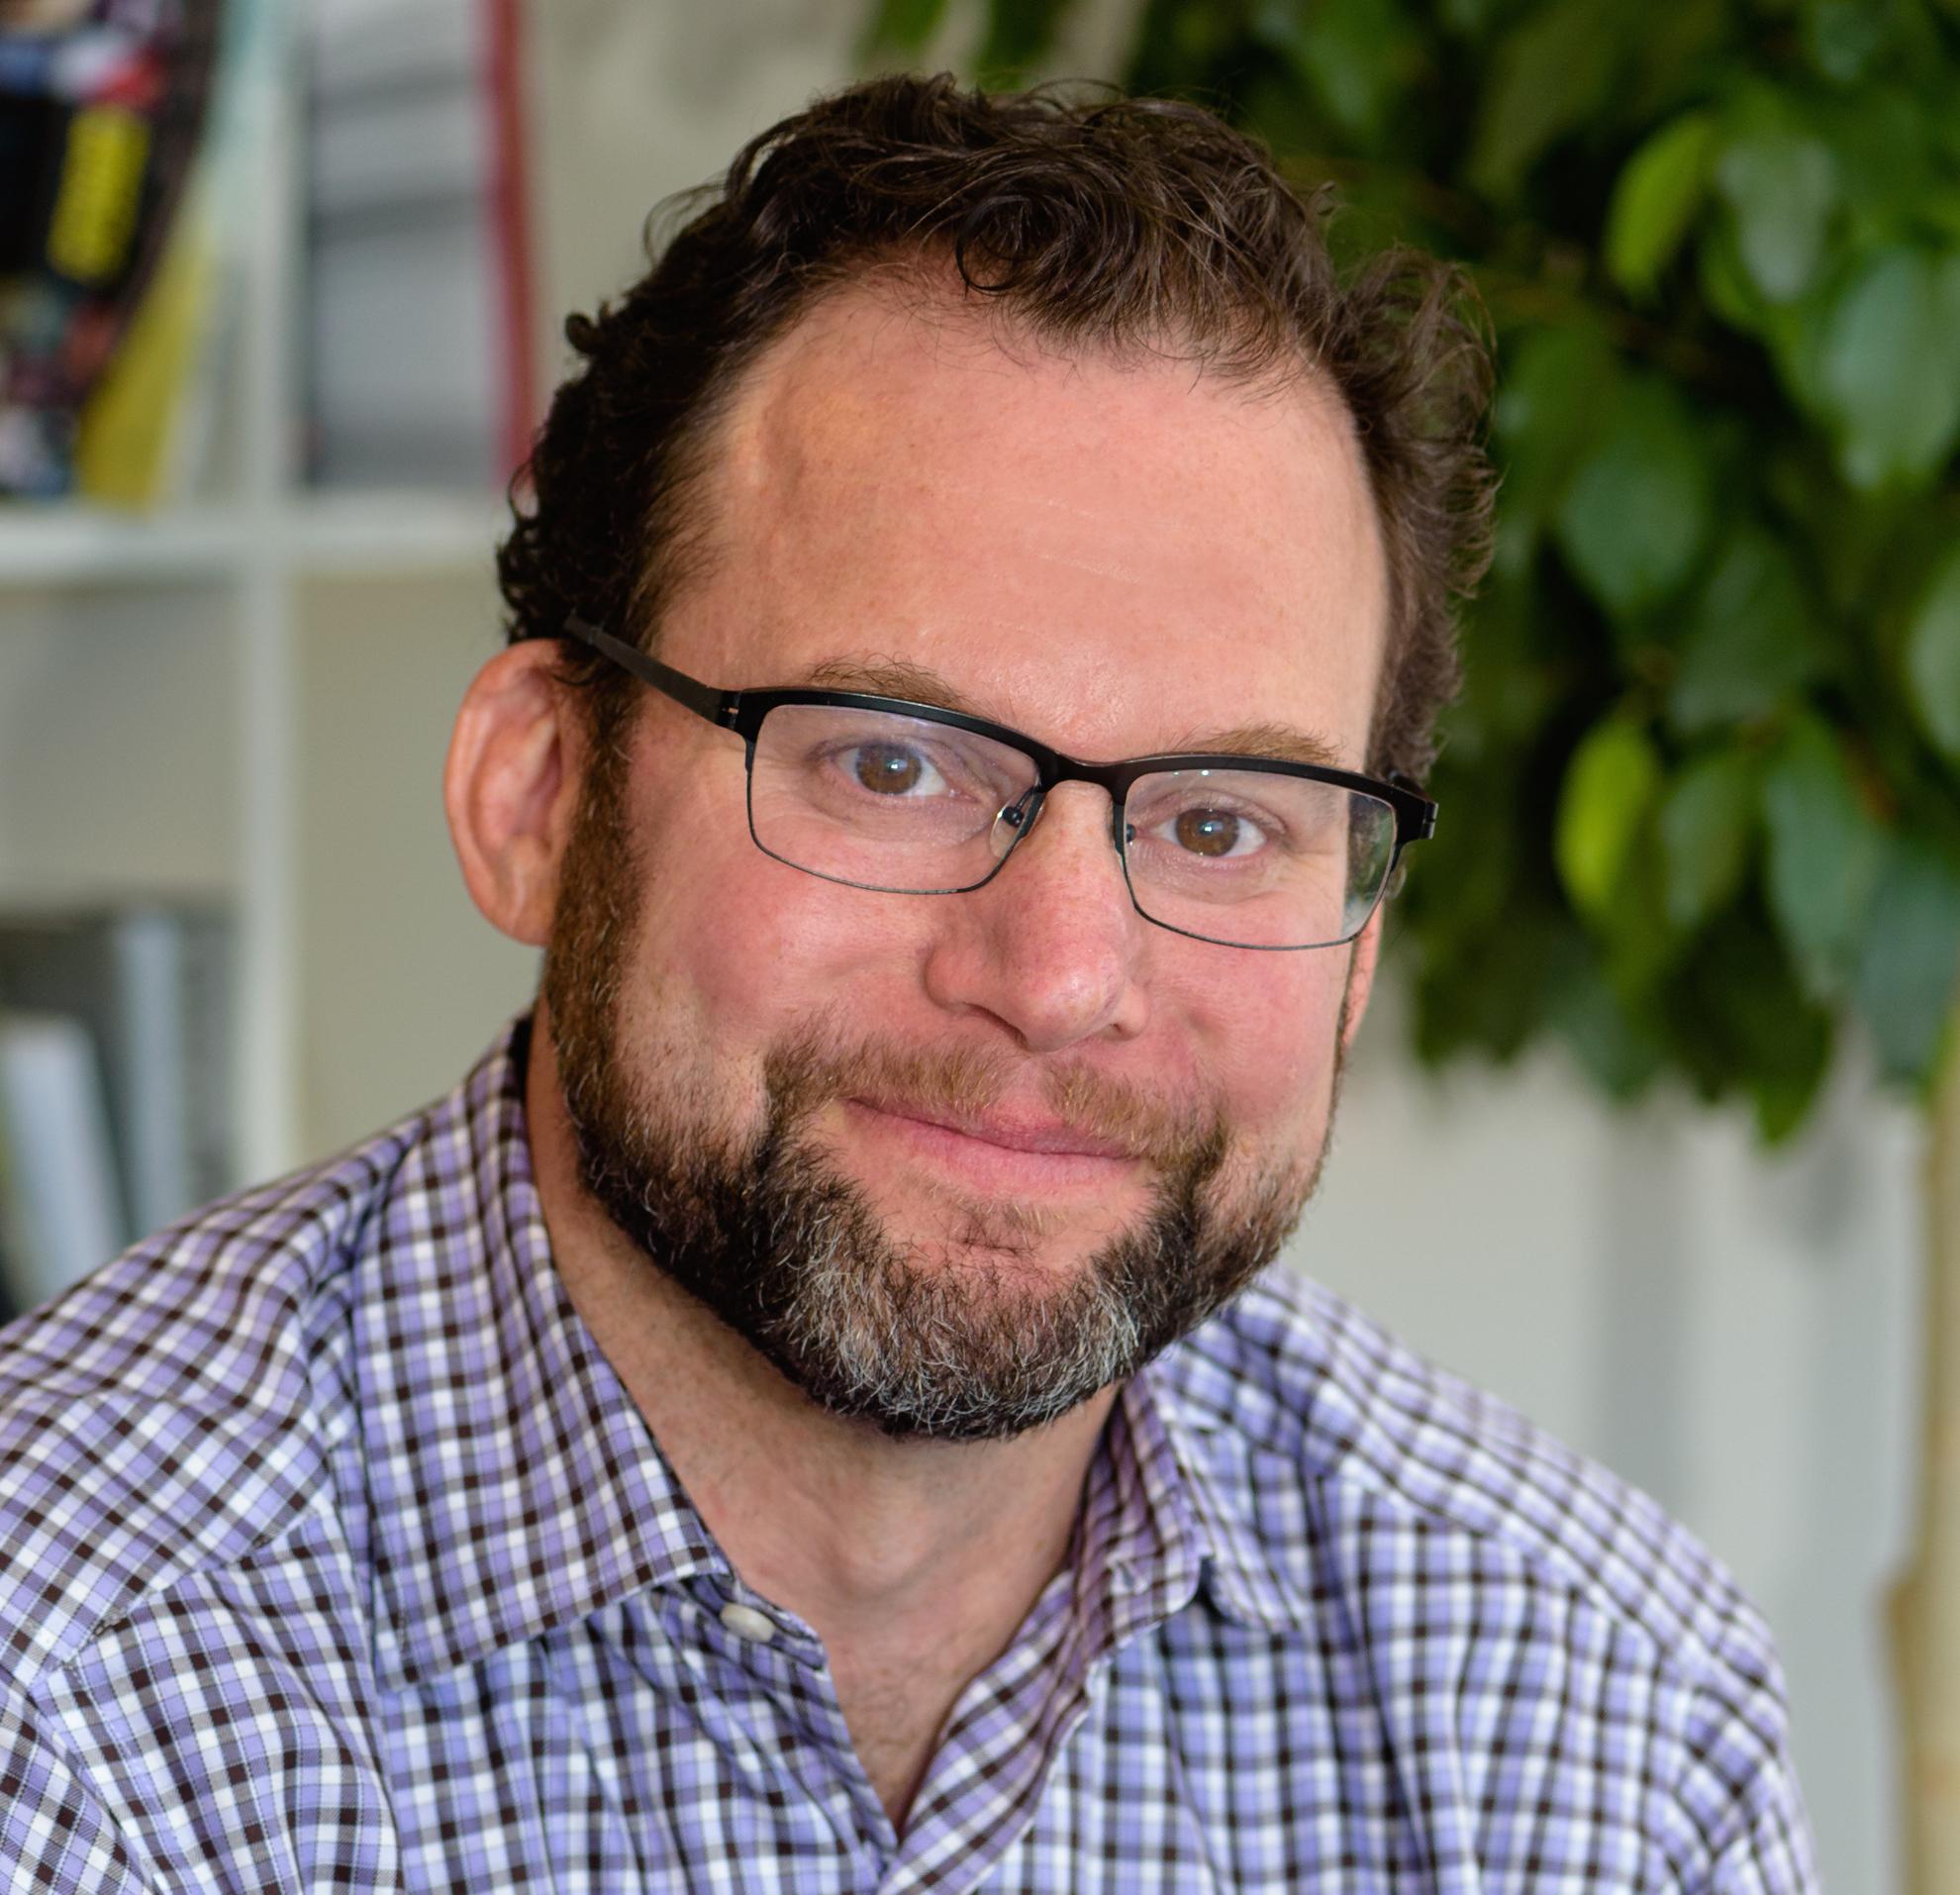 Josh Kanner